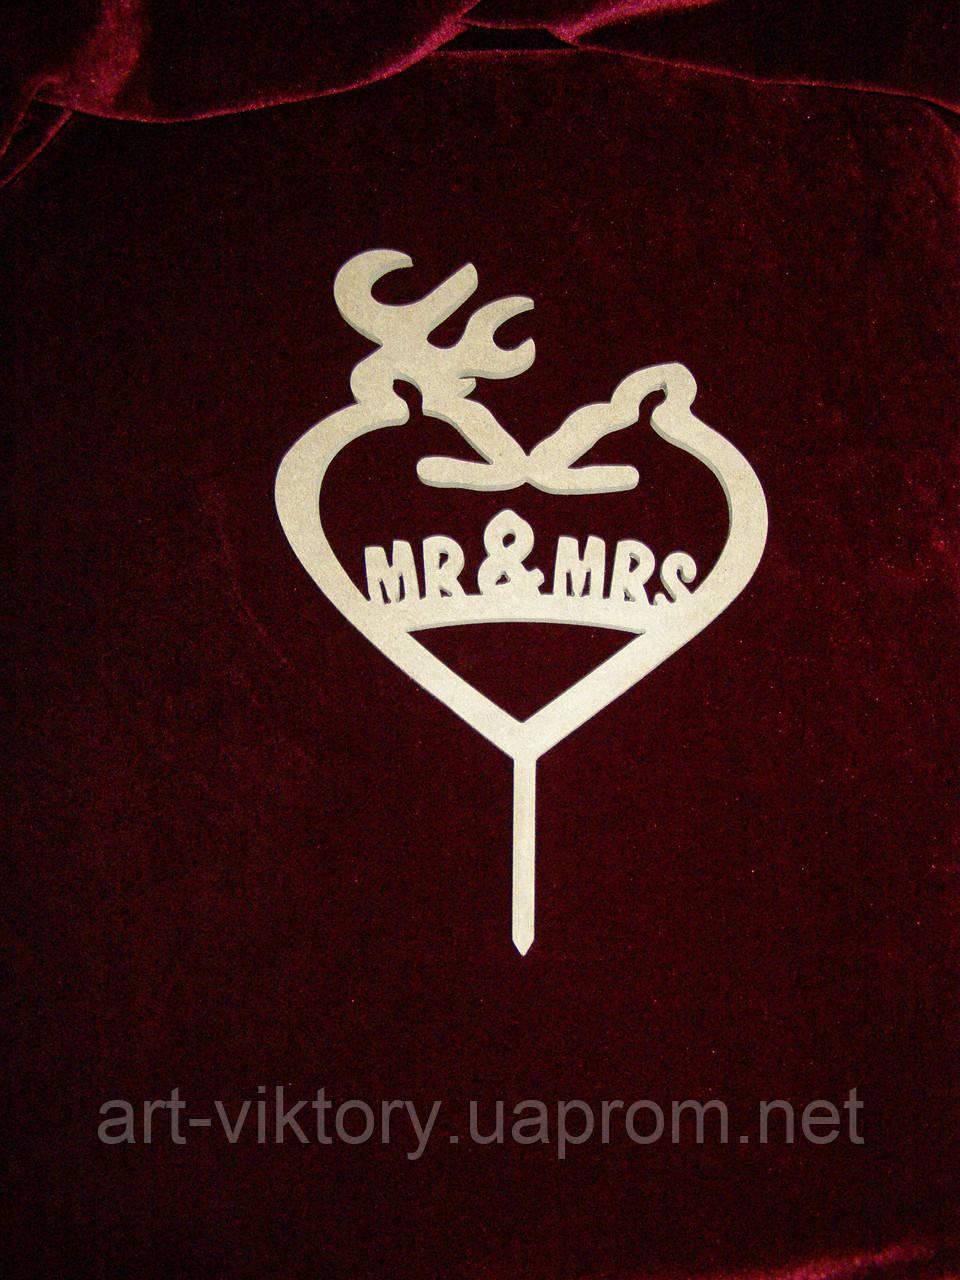 Mr & Mrs топпер, топпер для торта, топпер для сладкого стола, теппер на свадьбу, топпер для украшения.